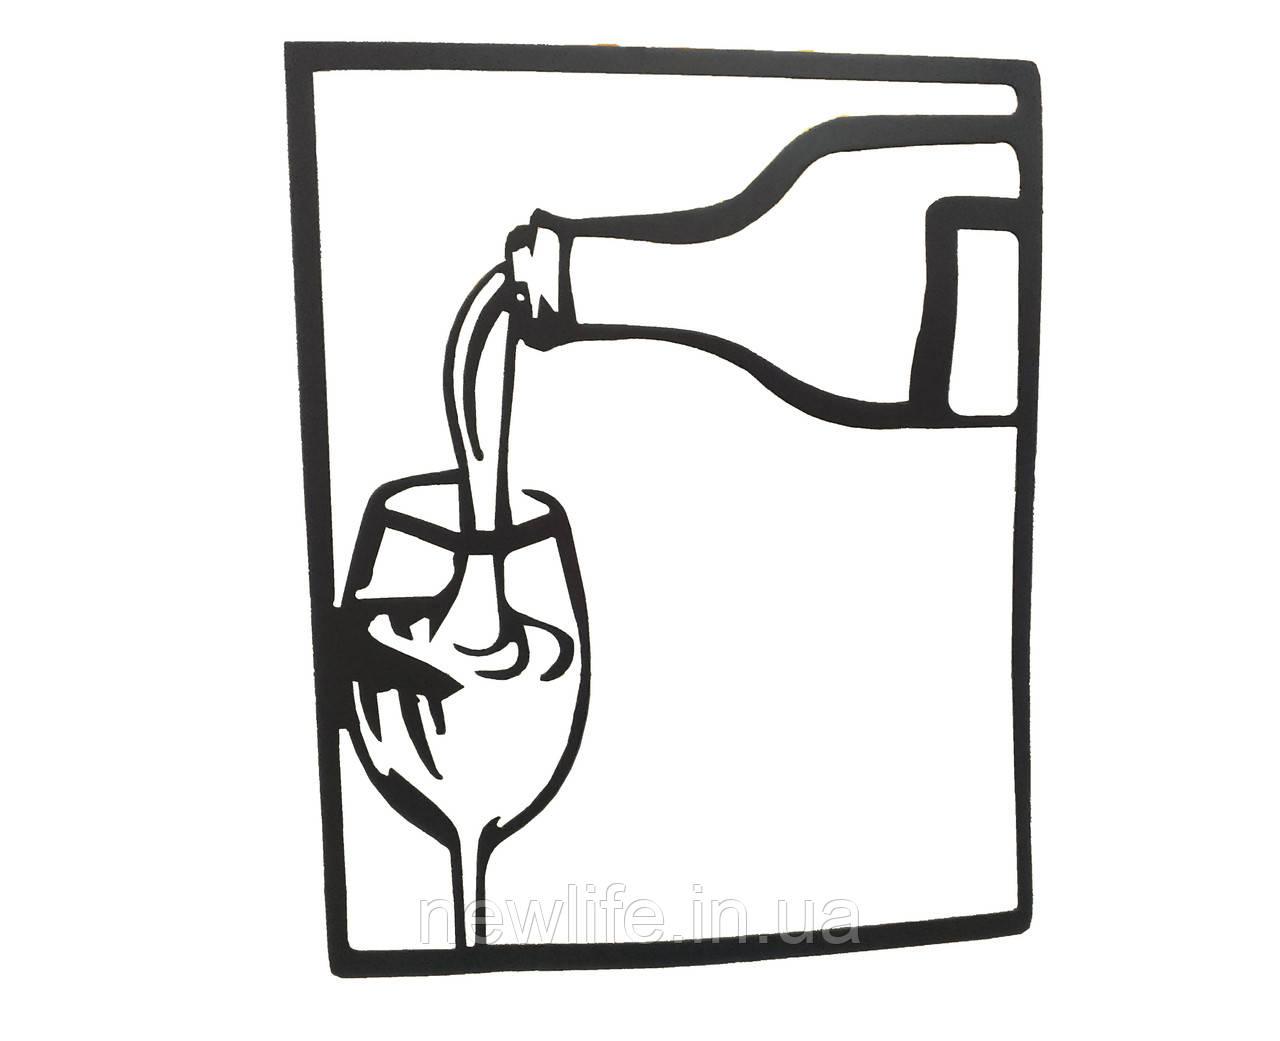 """Художественная плазменная резка металла """"Бокал вина"""""""